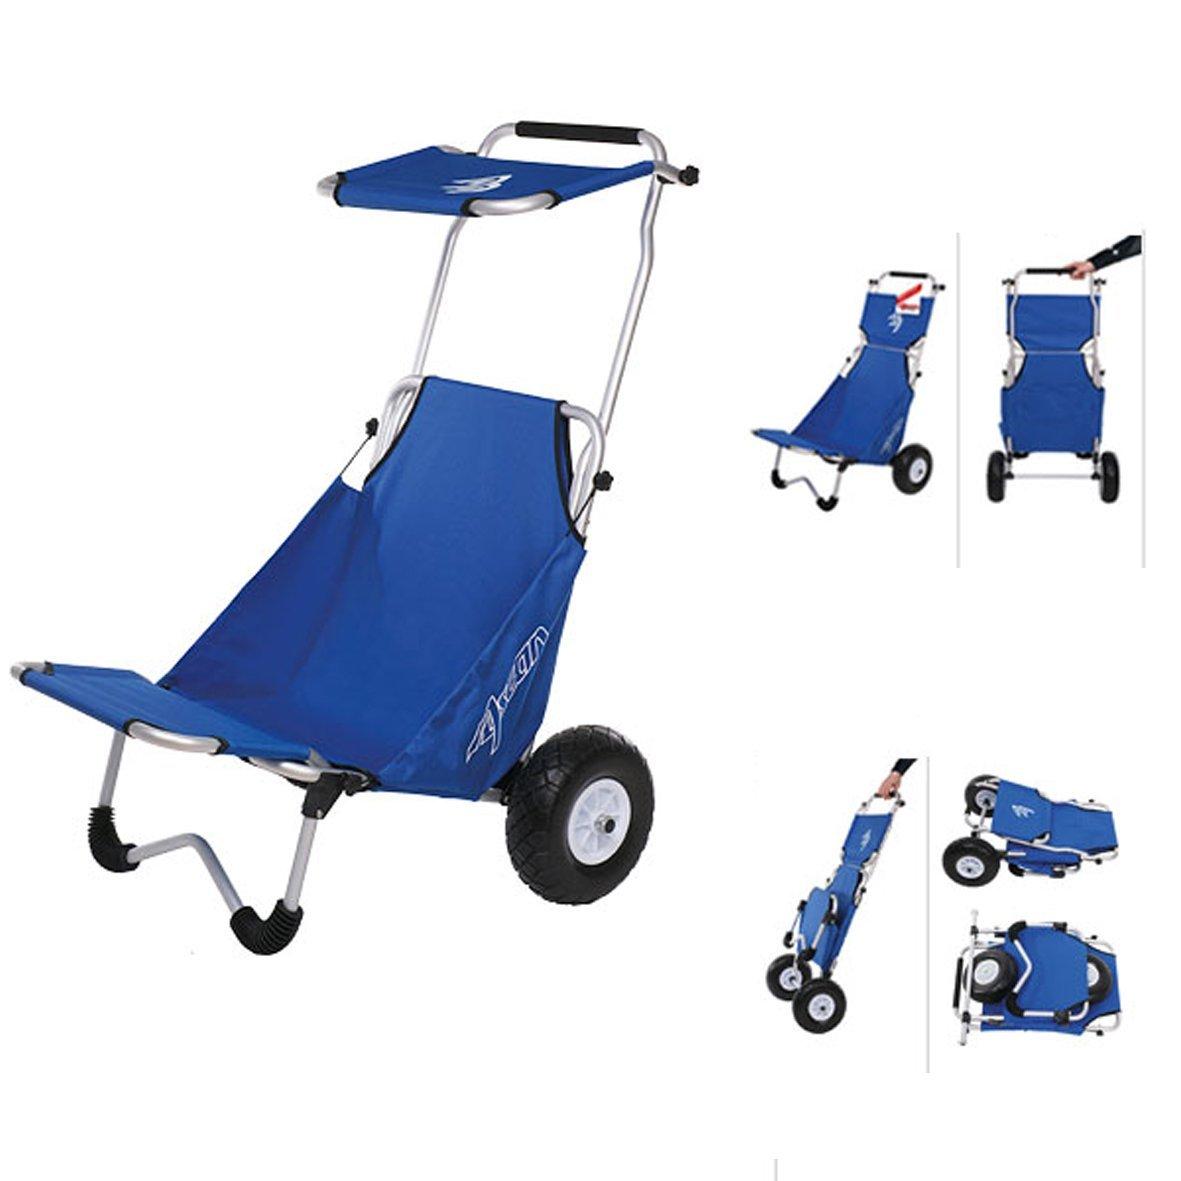 ASCAN playa Buggy con amplia ruedas y asiento y parasol & Carga de asiento Ampliación-El Buggy Beach es ideal para el deporte de playa, piscina, accesorios, ...